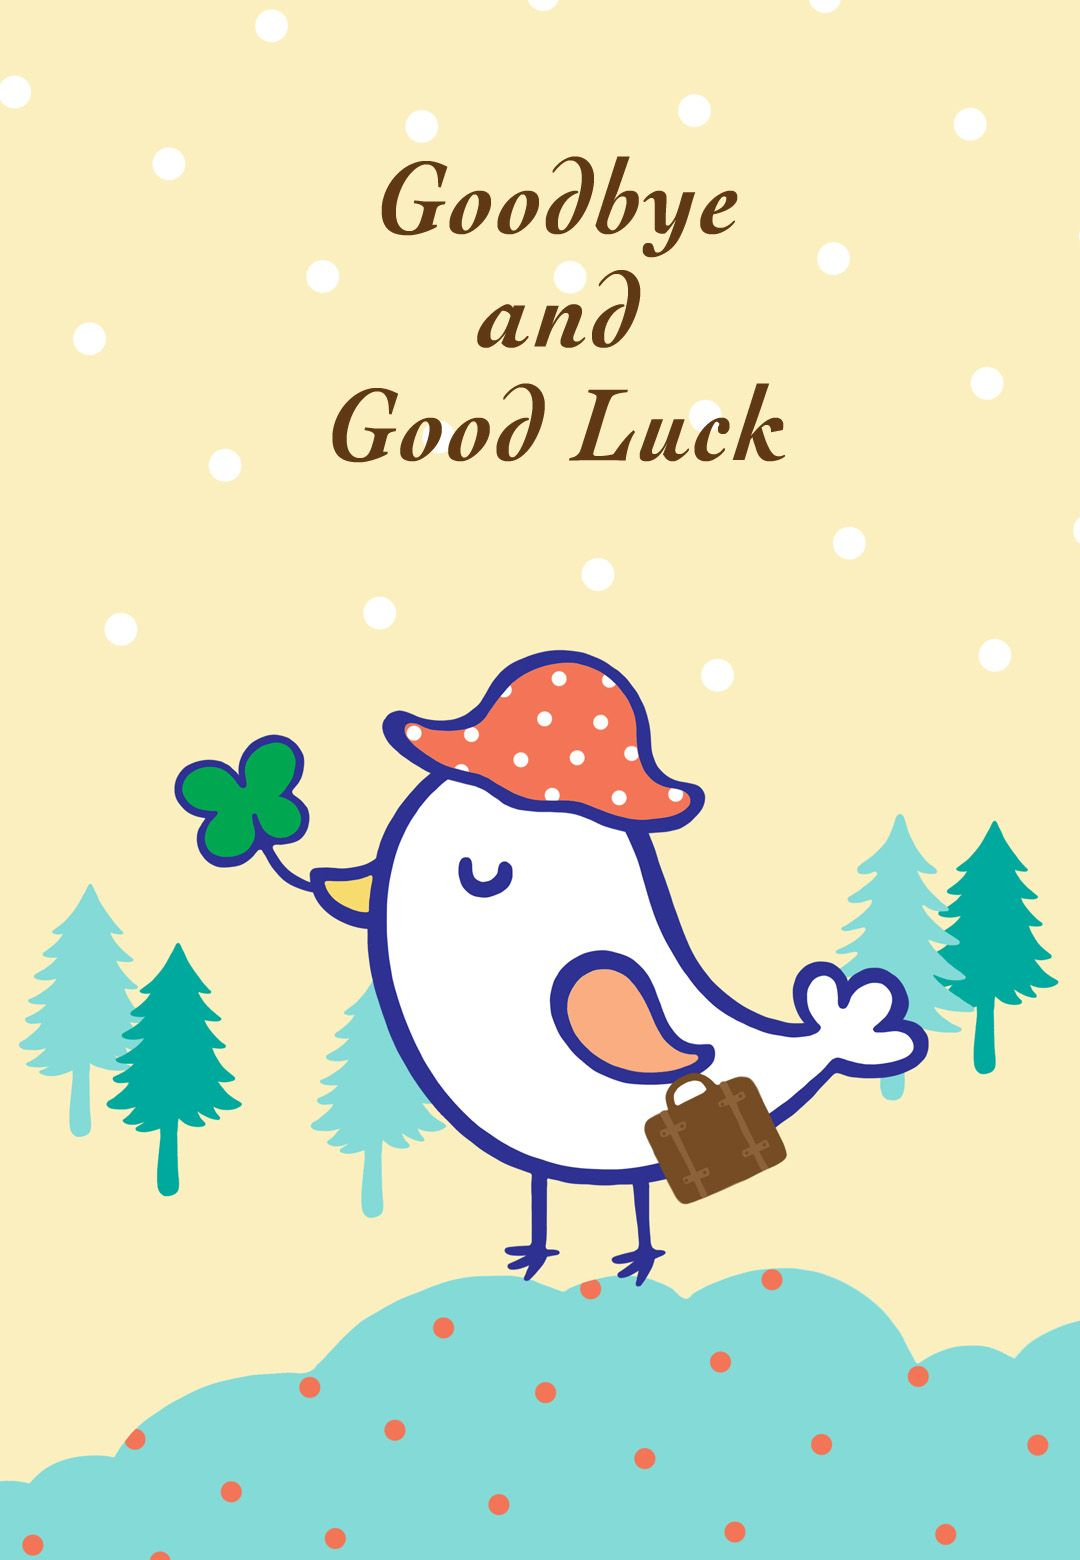 Free Printable Goodbye And Good Luck Greeting Card | Littlestar - Free Printable Goodbye Cards